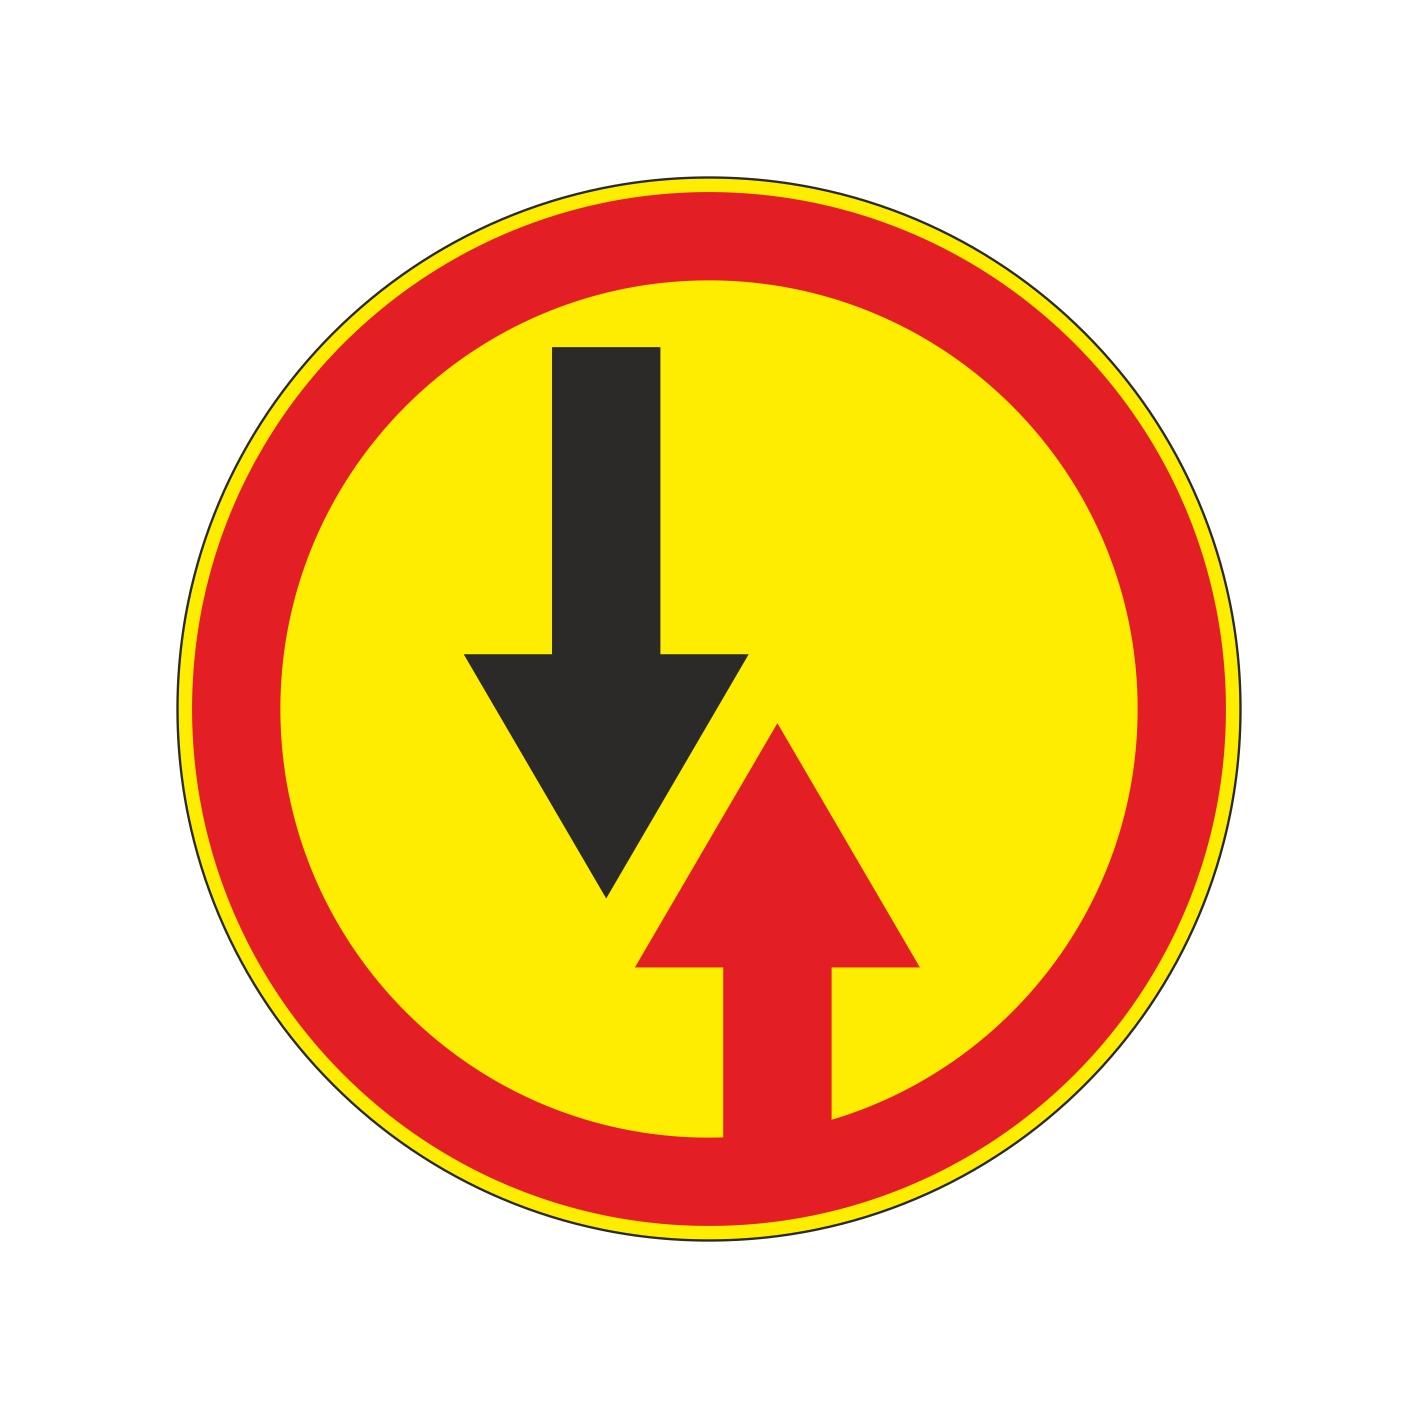 2.6 (временный) Преимущество встречного движения [дорожный знак]